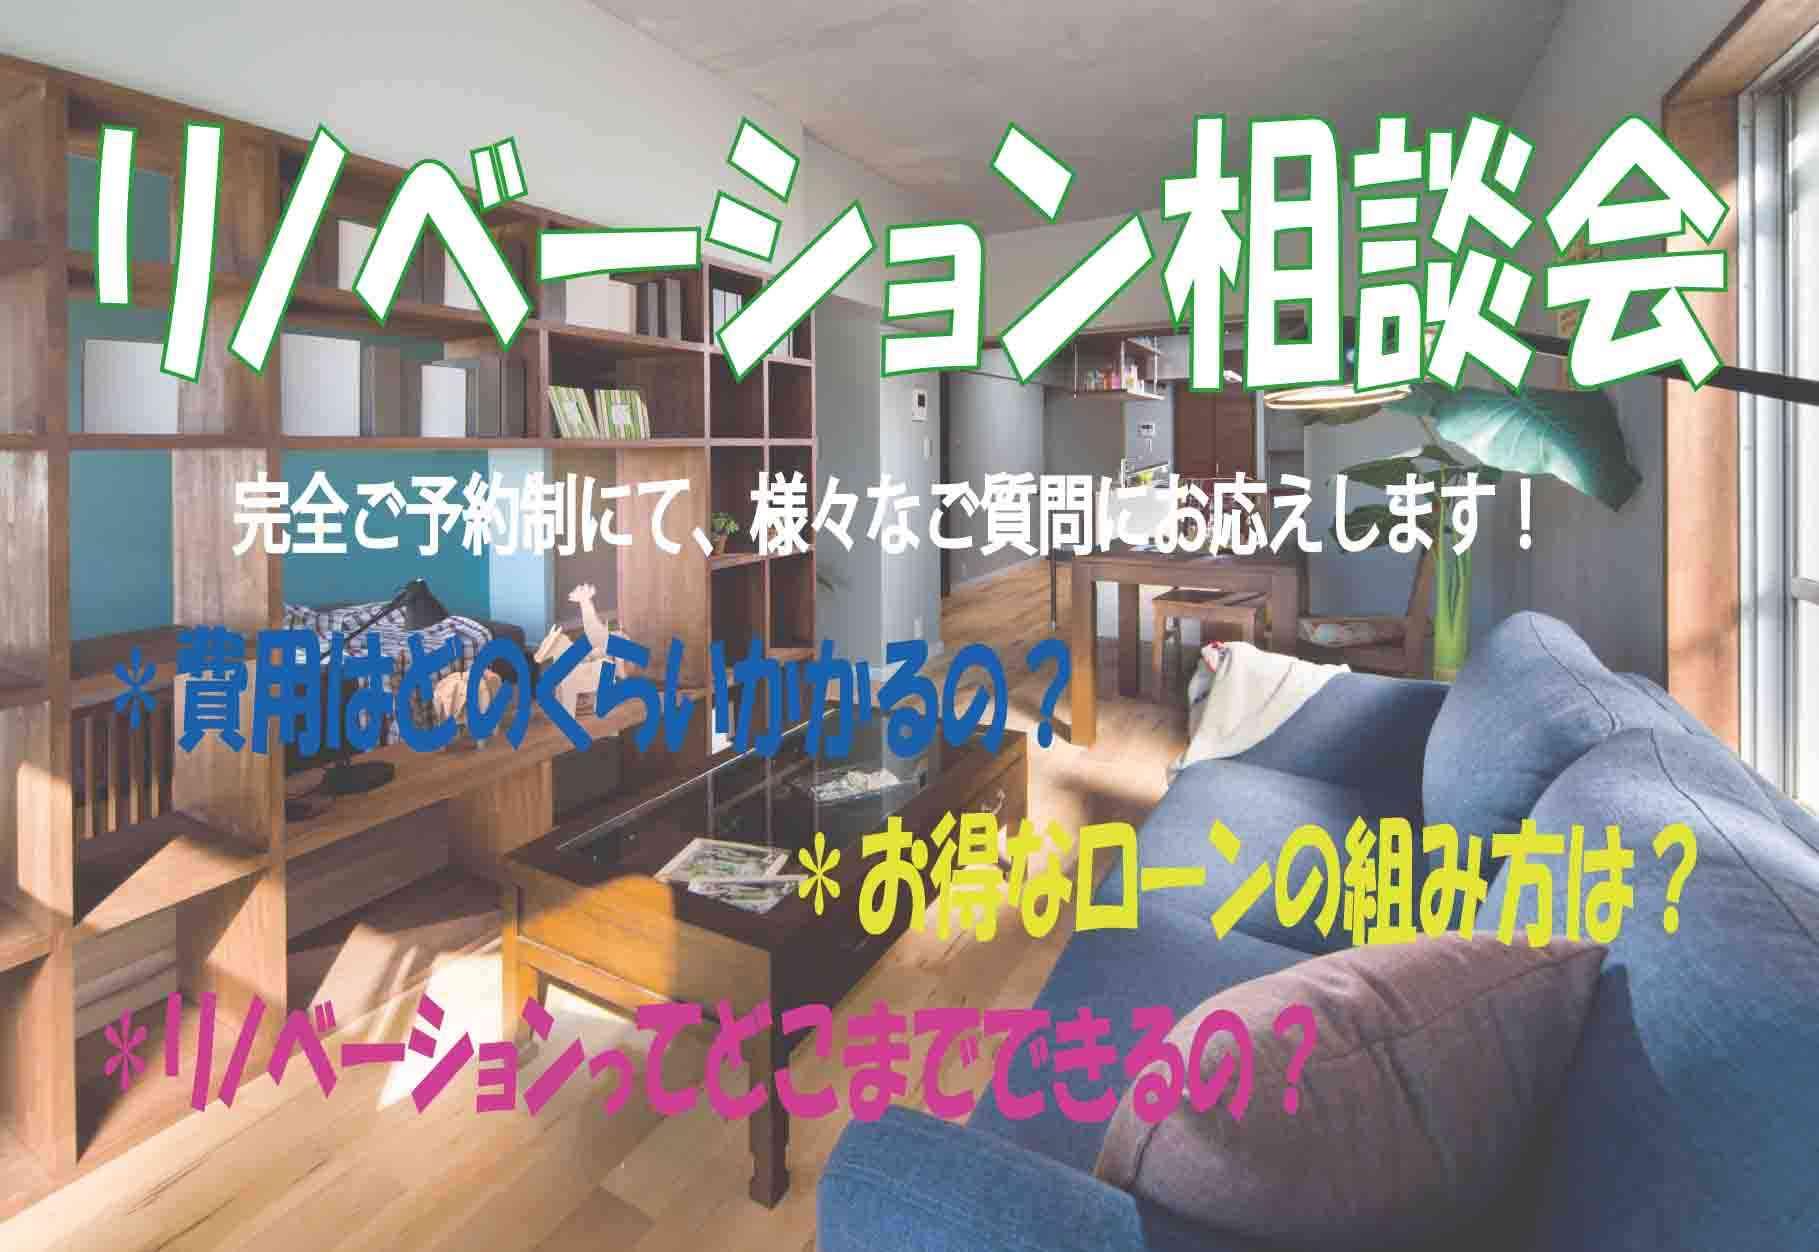 【開催地:海浜幕張】リノベってなに?いくらかかるの?新築買うよりお得ってホント?